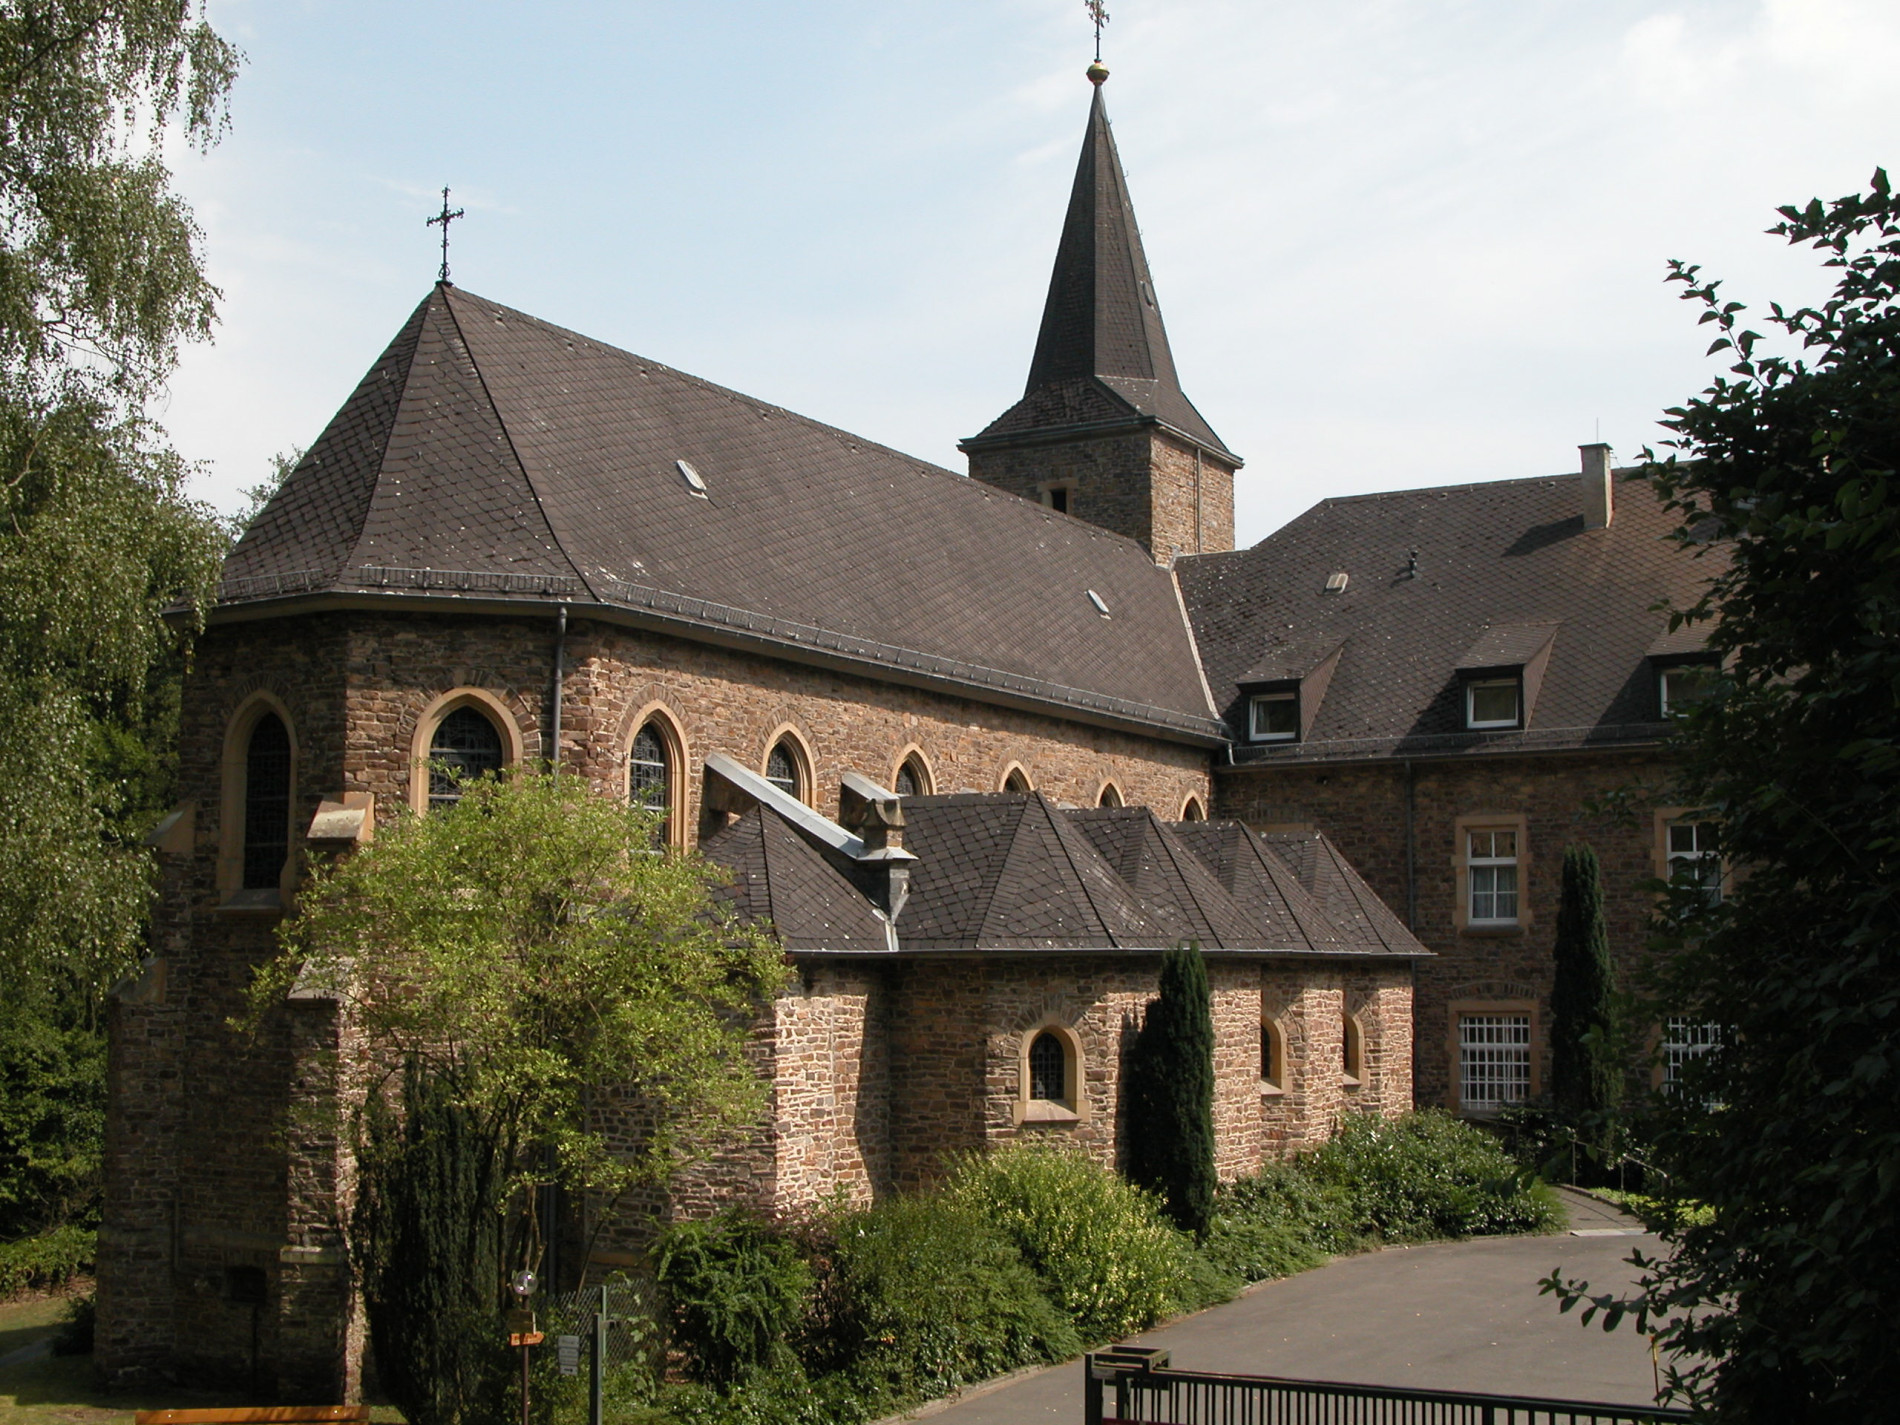 Treis-Karden Kloster Engelport